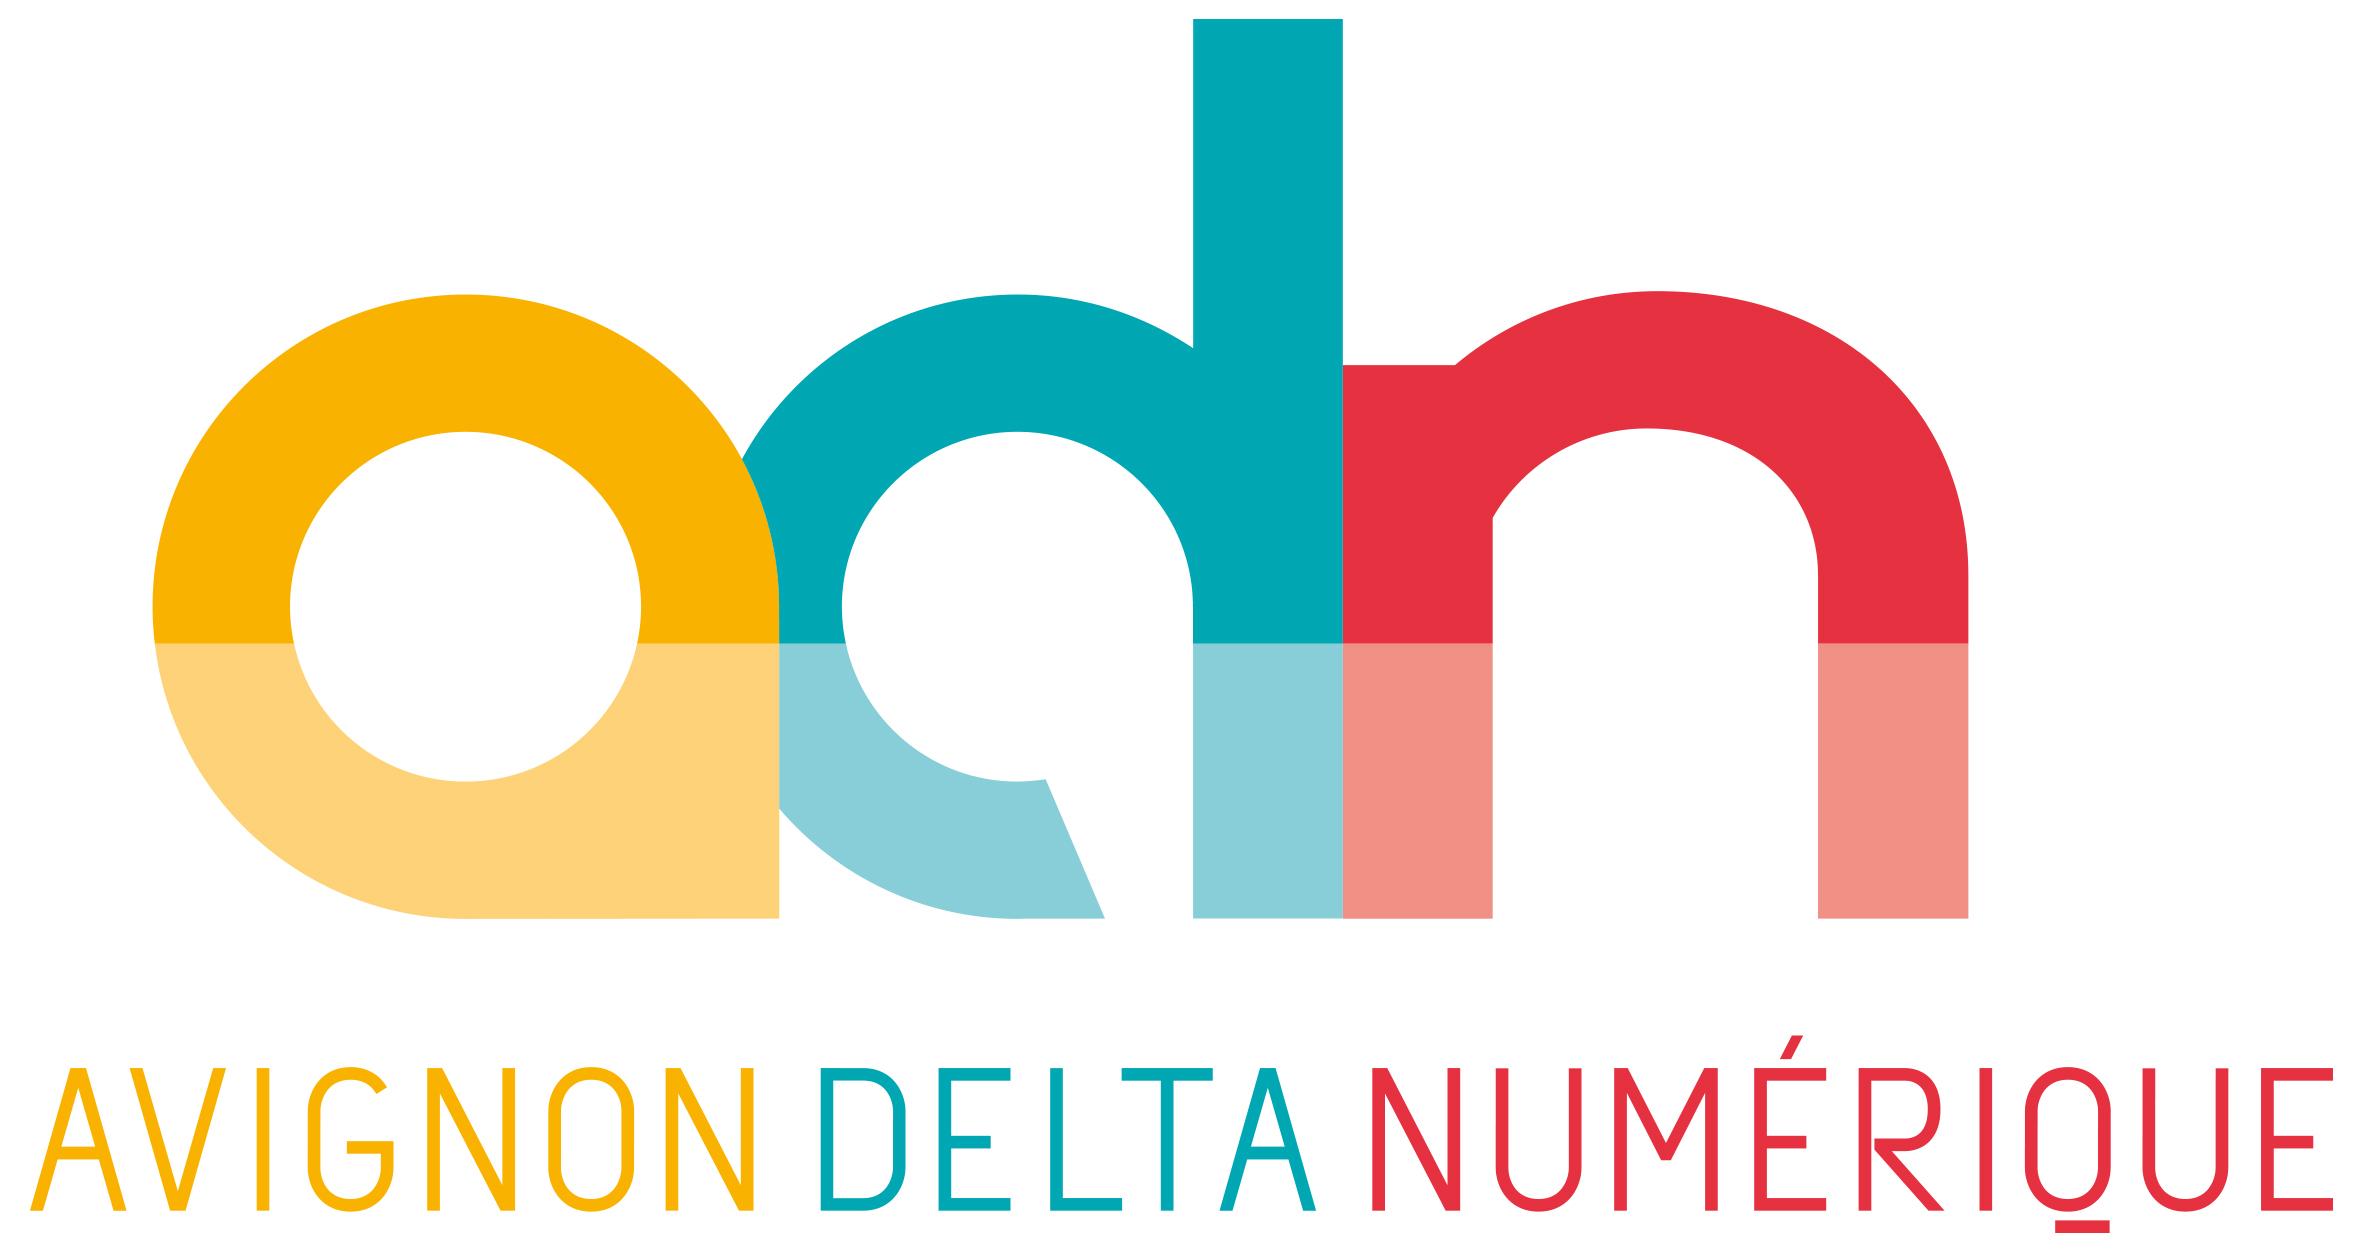 avignon delta numerique